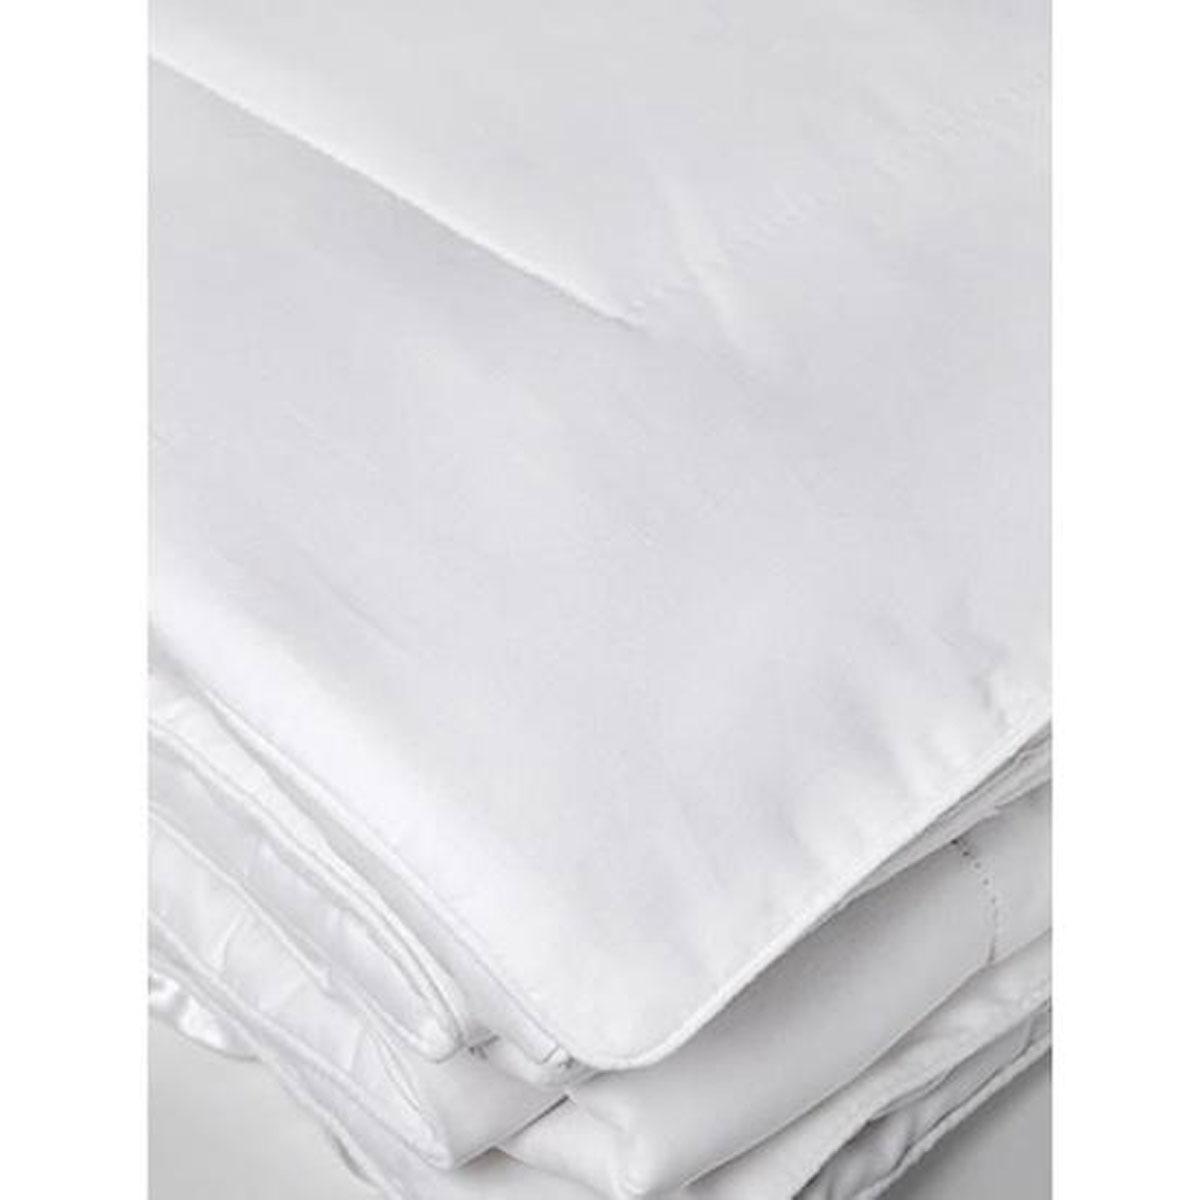 Couette Soie Été 200 g - Blanc - 240 x 260 cm